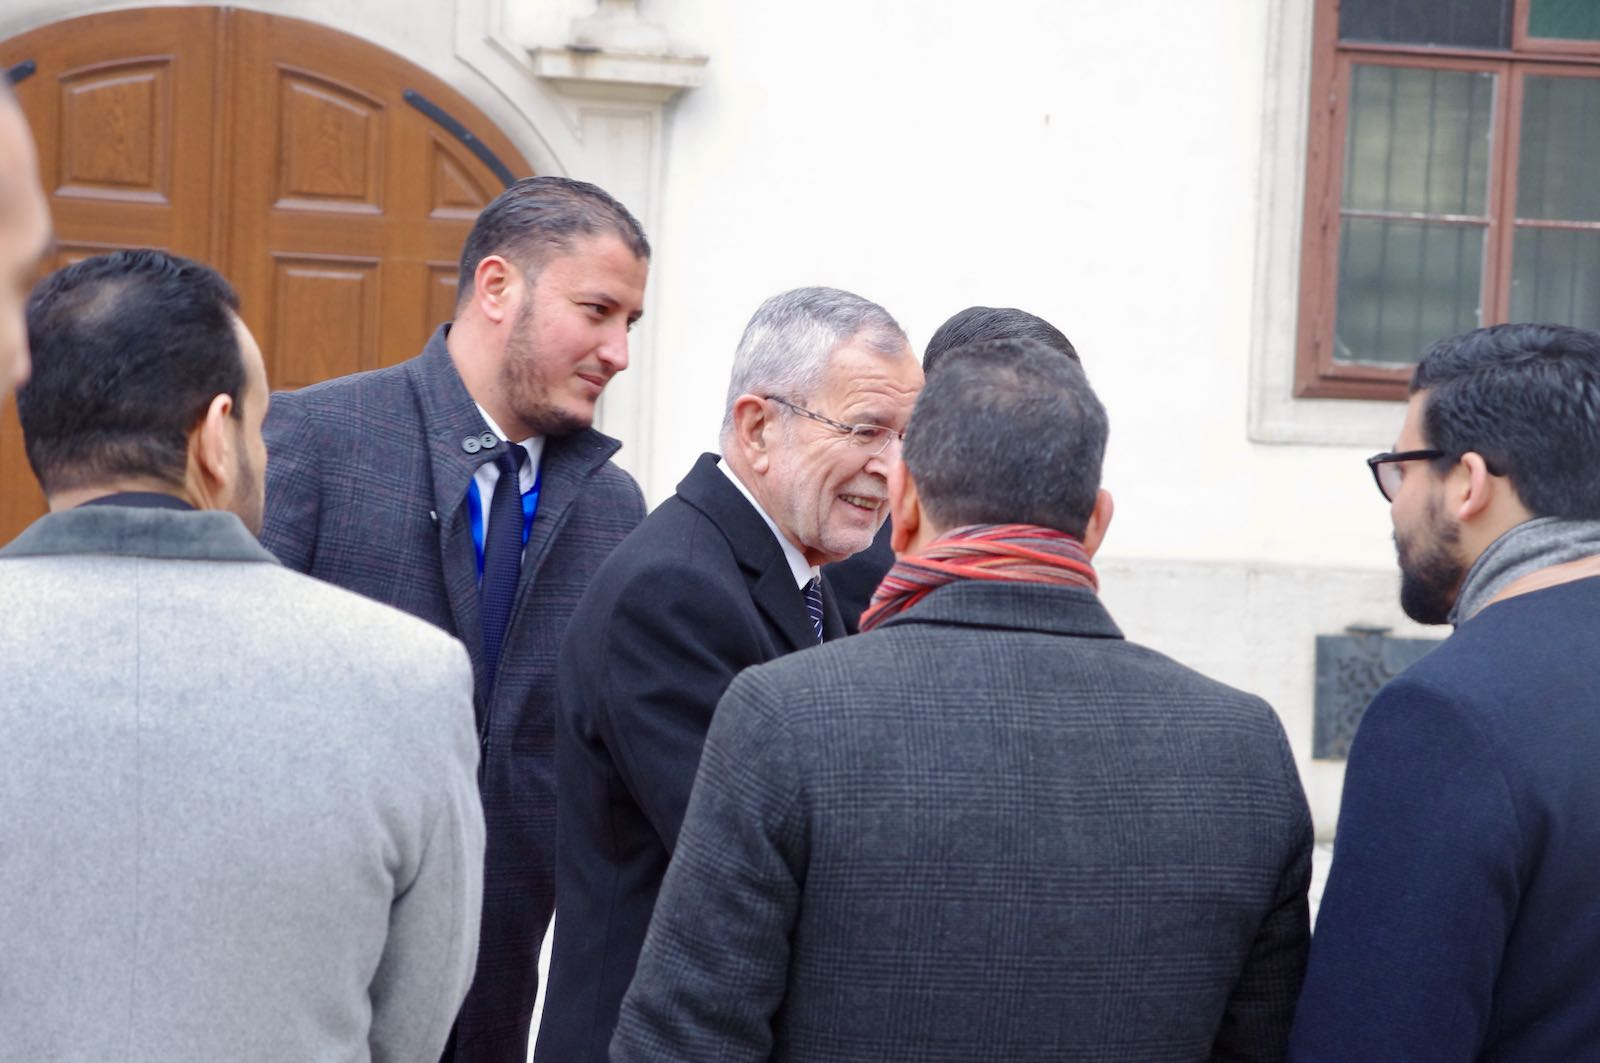 2019_01_28_Garde_Libyen_Besuch_VDB - 34 of 36